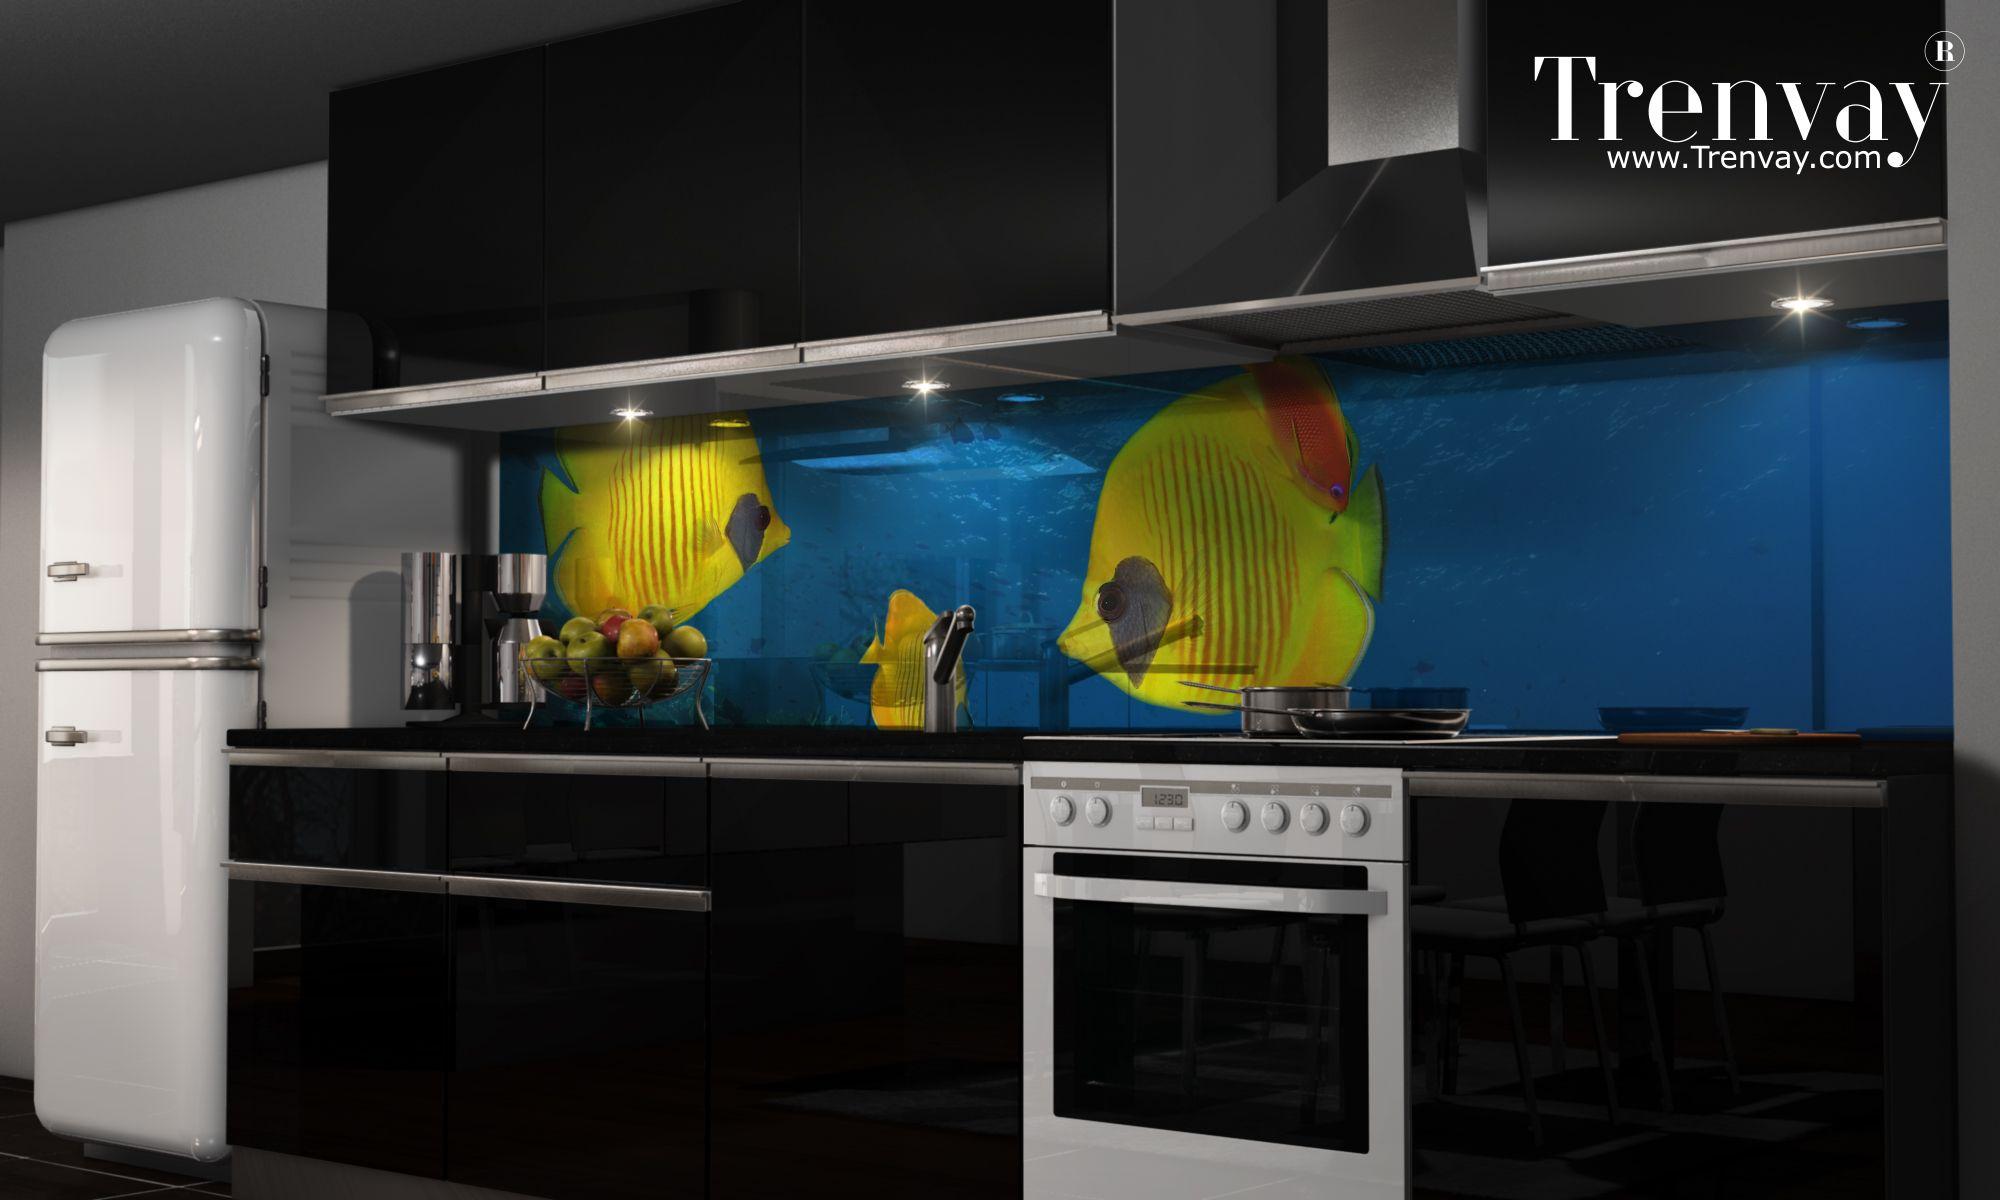 Küchenrückwand Selbstklebend ~ Https: www.trenvay.com mutfak tezgah arasi cam kaplama artova